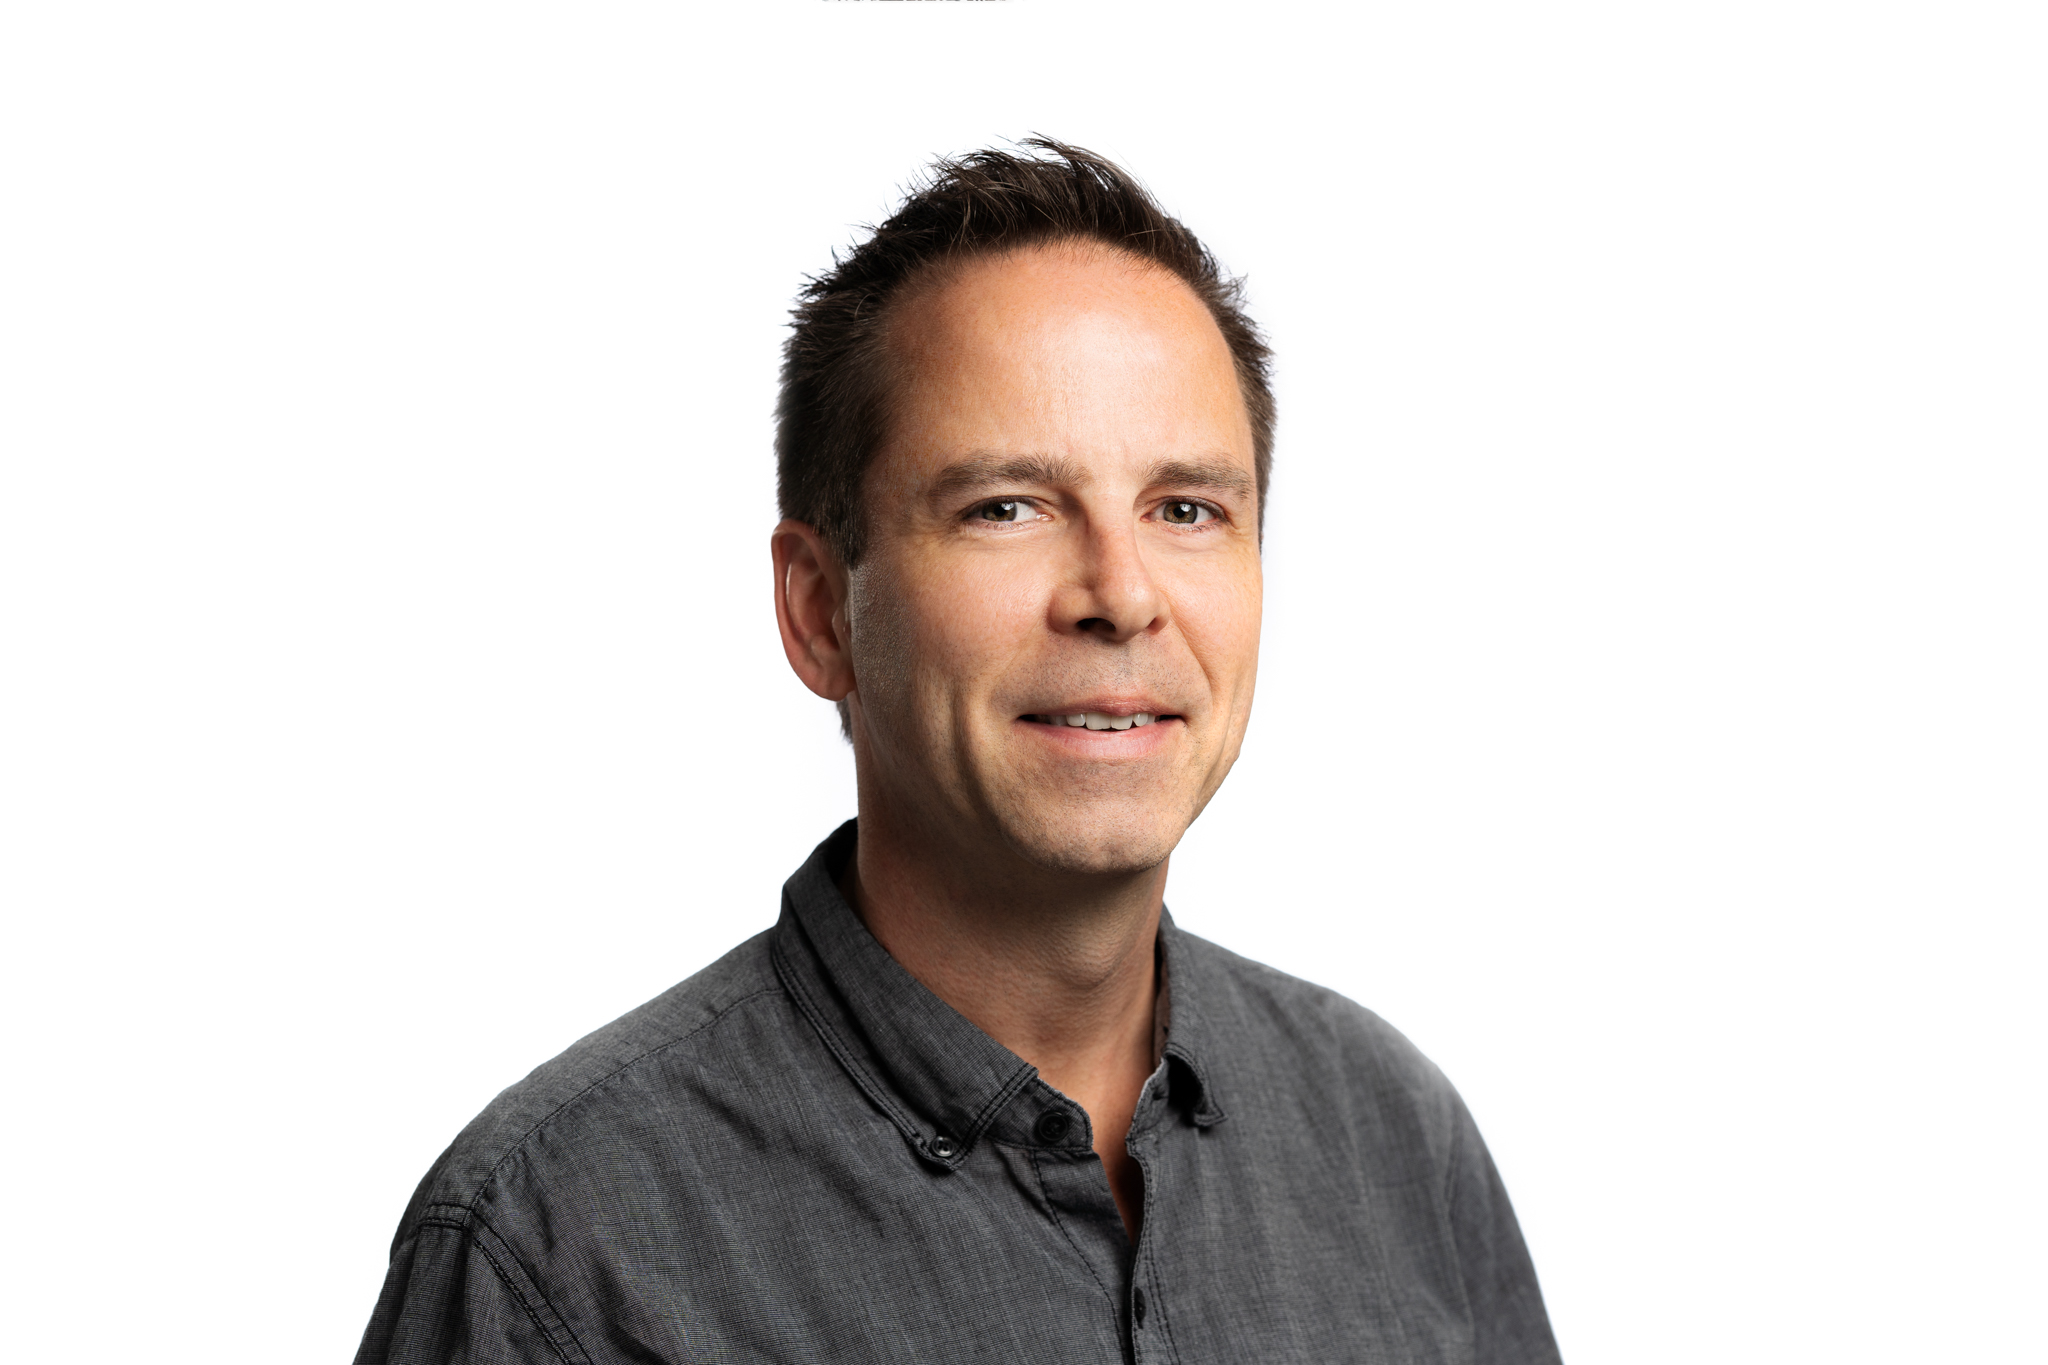 Brent Stapleton - Accounts Manager